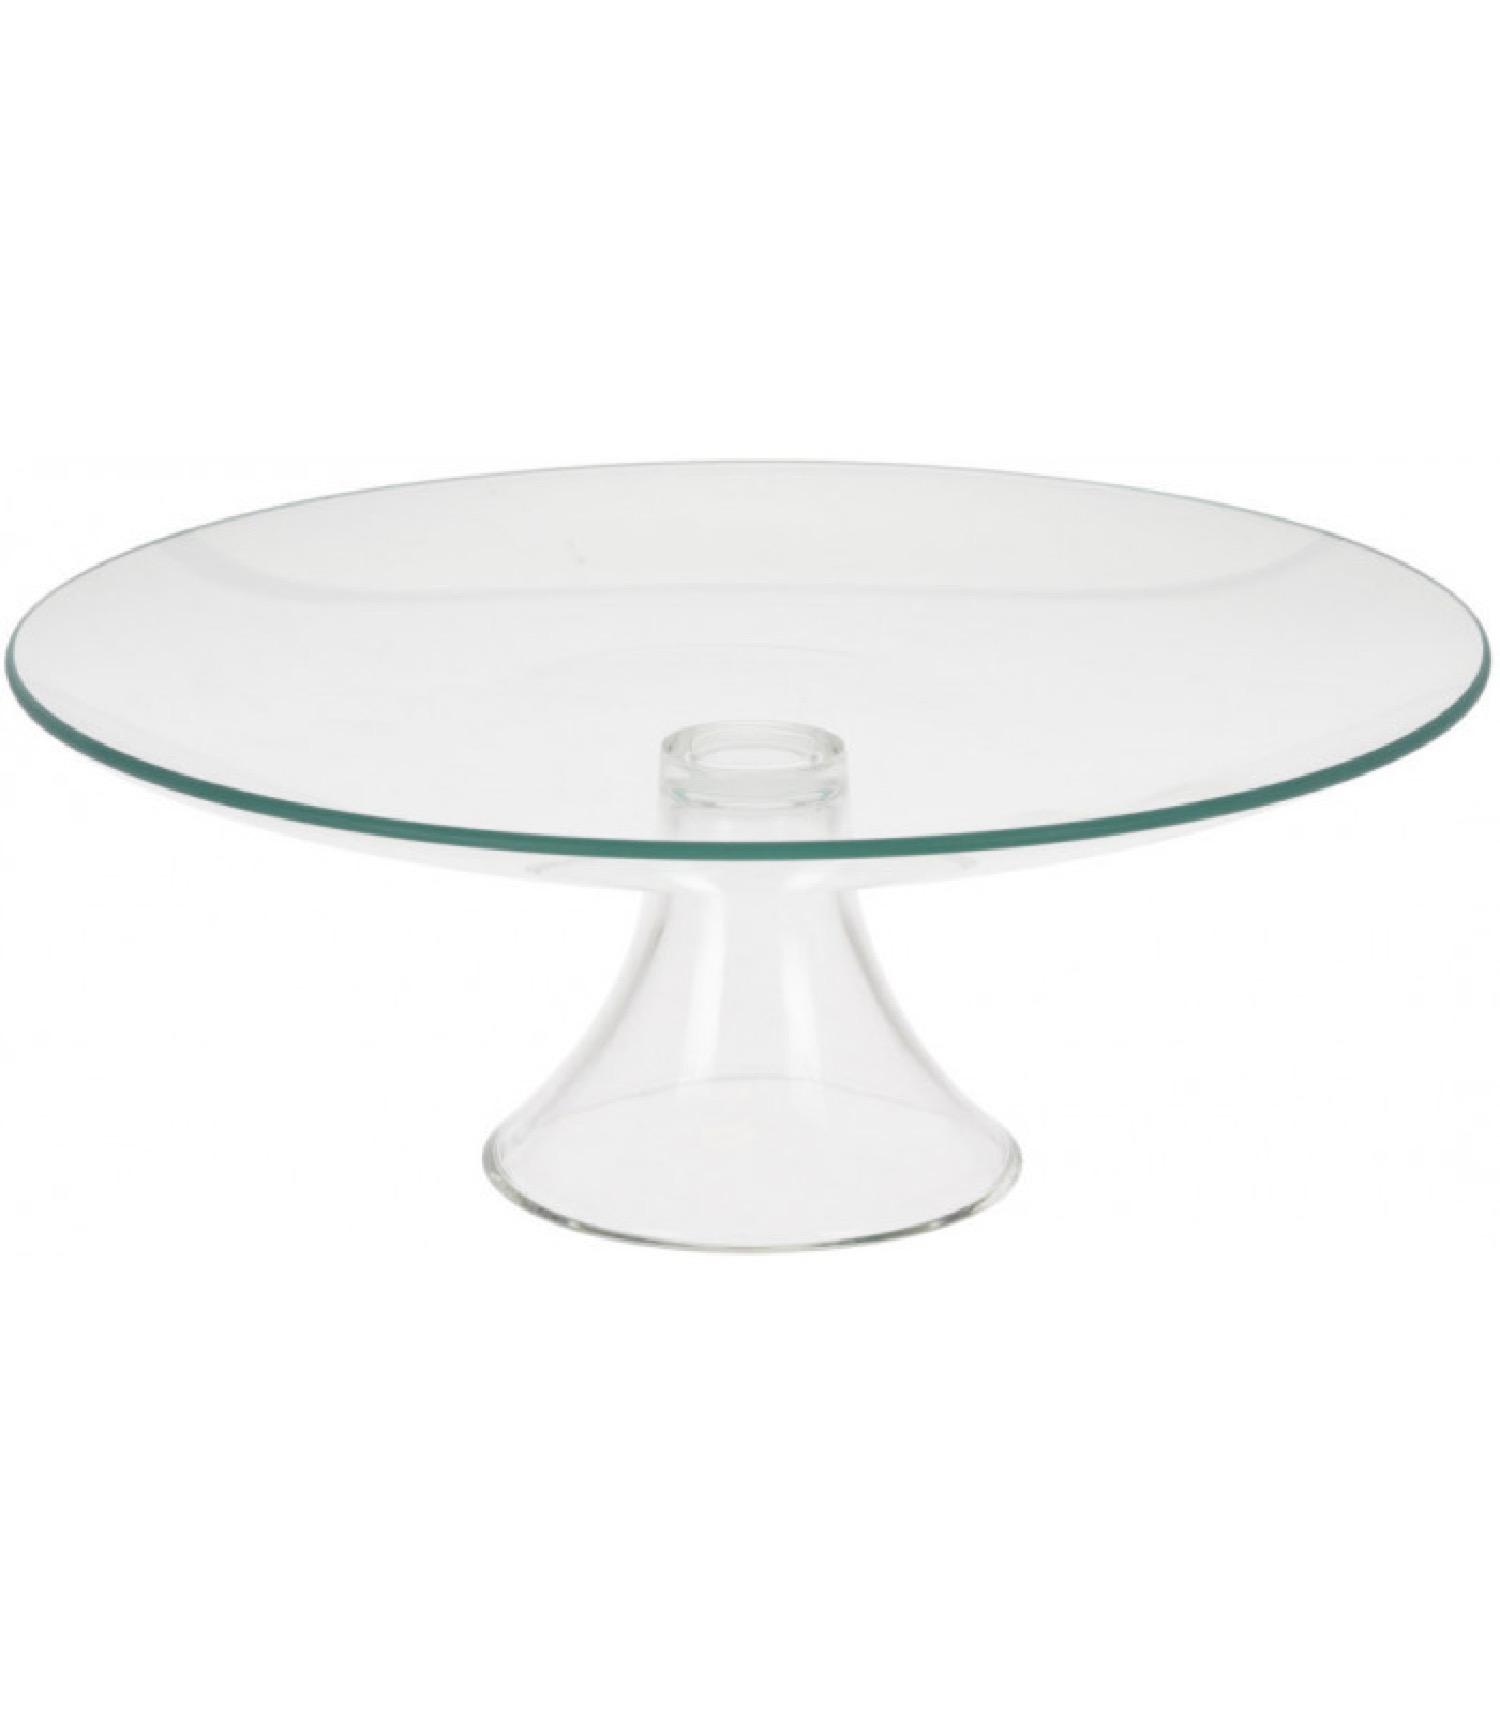 Présentoir à gâteau / tarte sur pied rond en verre D31cm